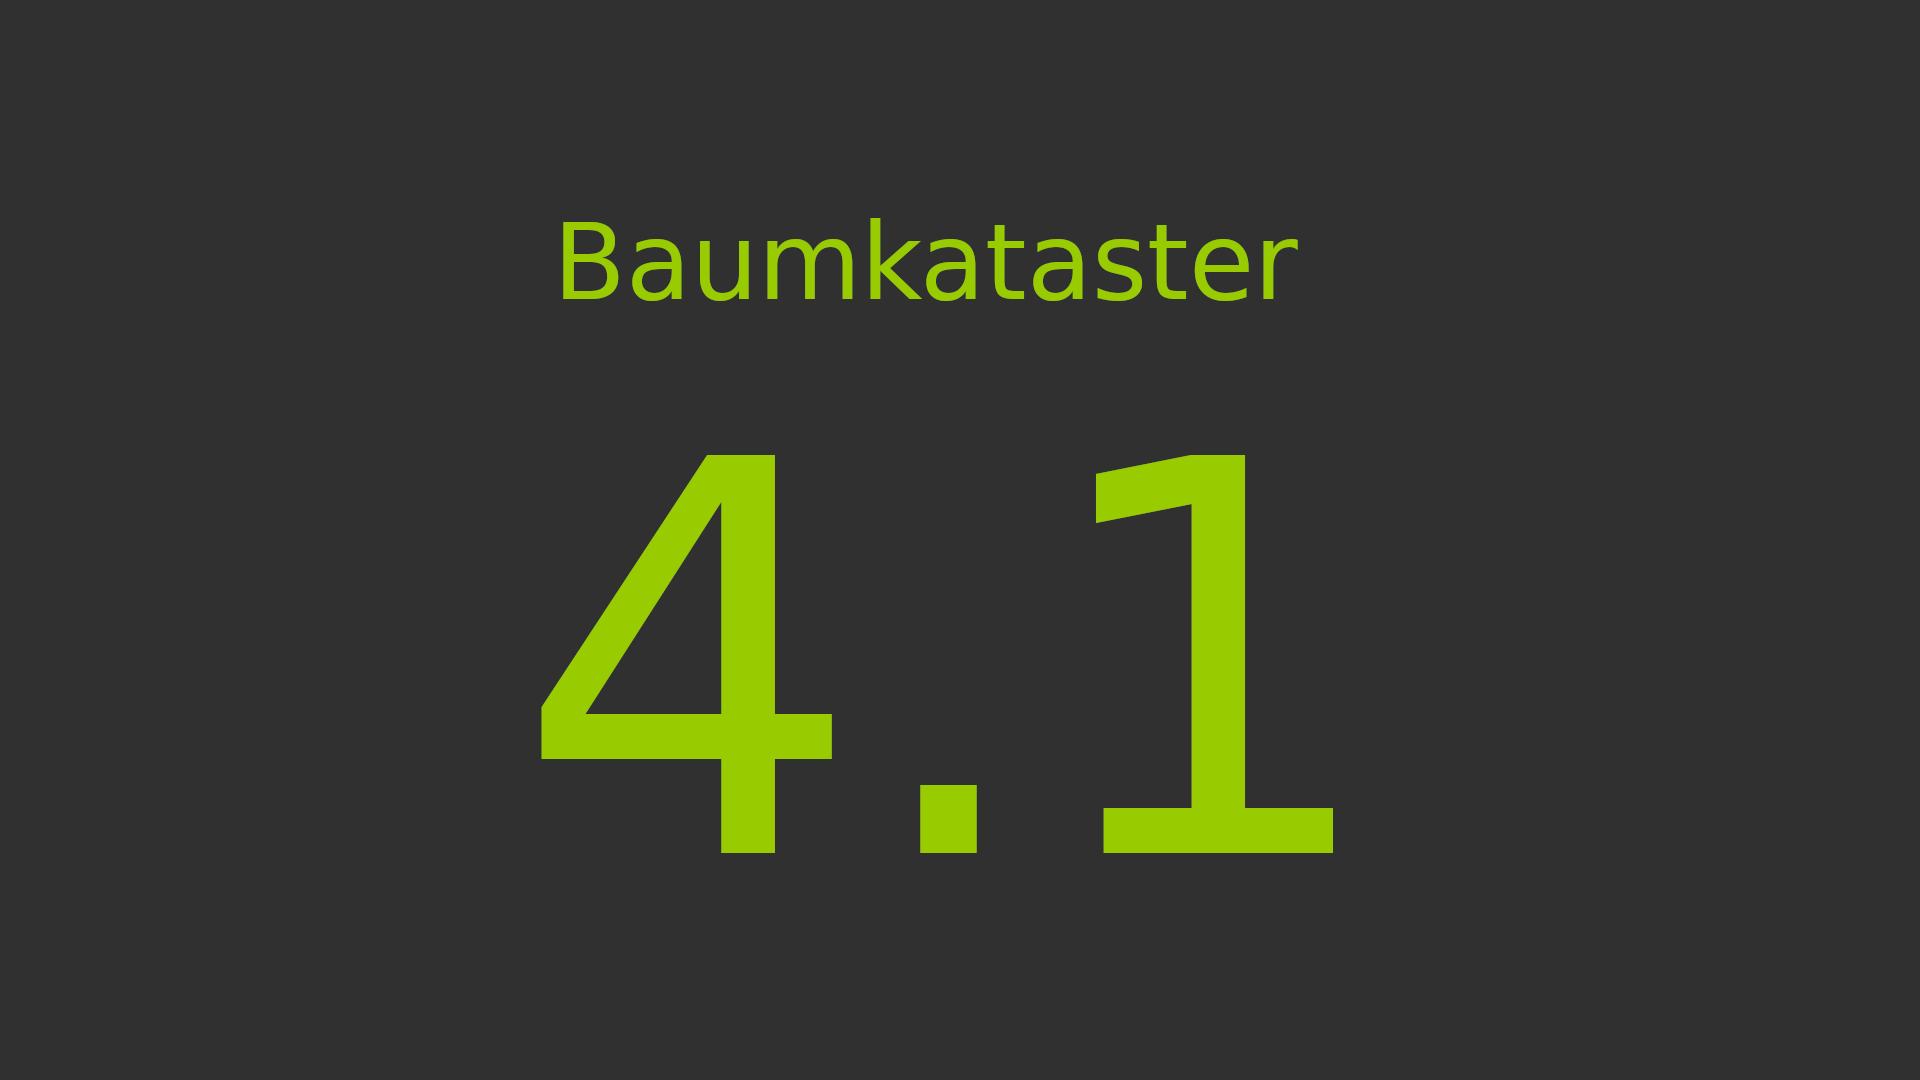 Baumkataster 4.1